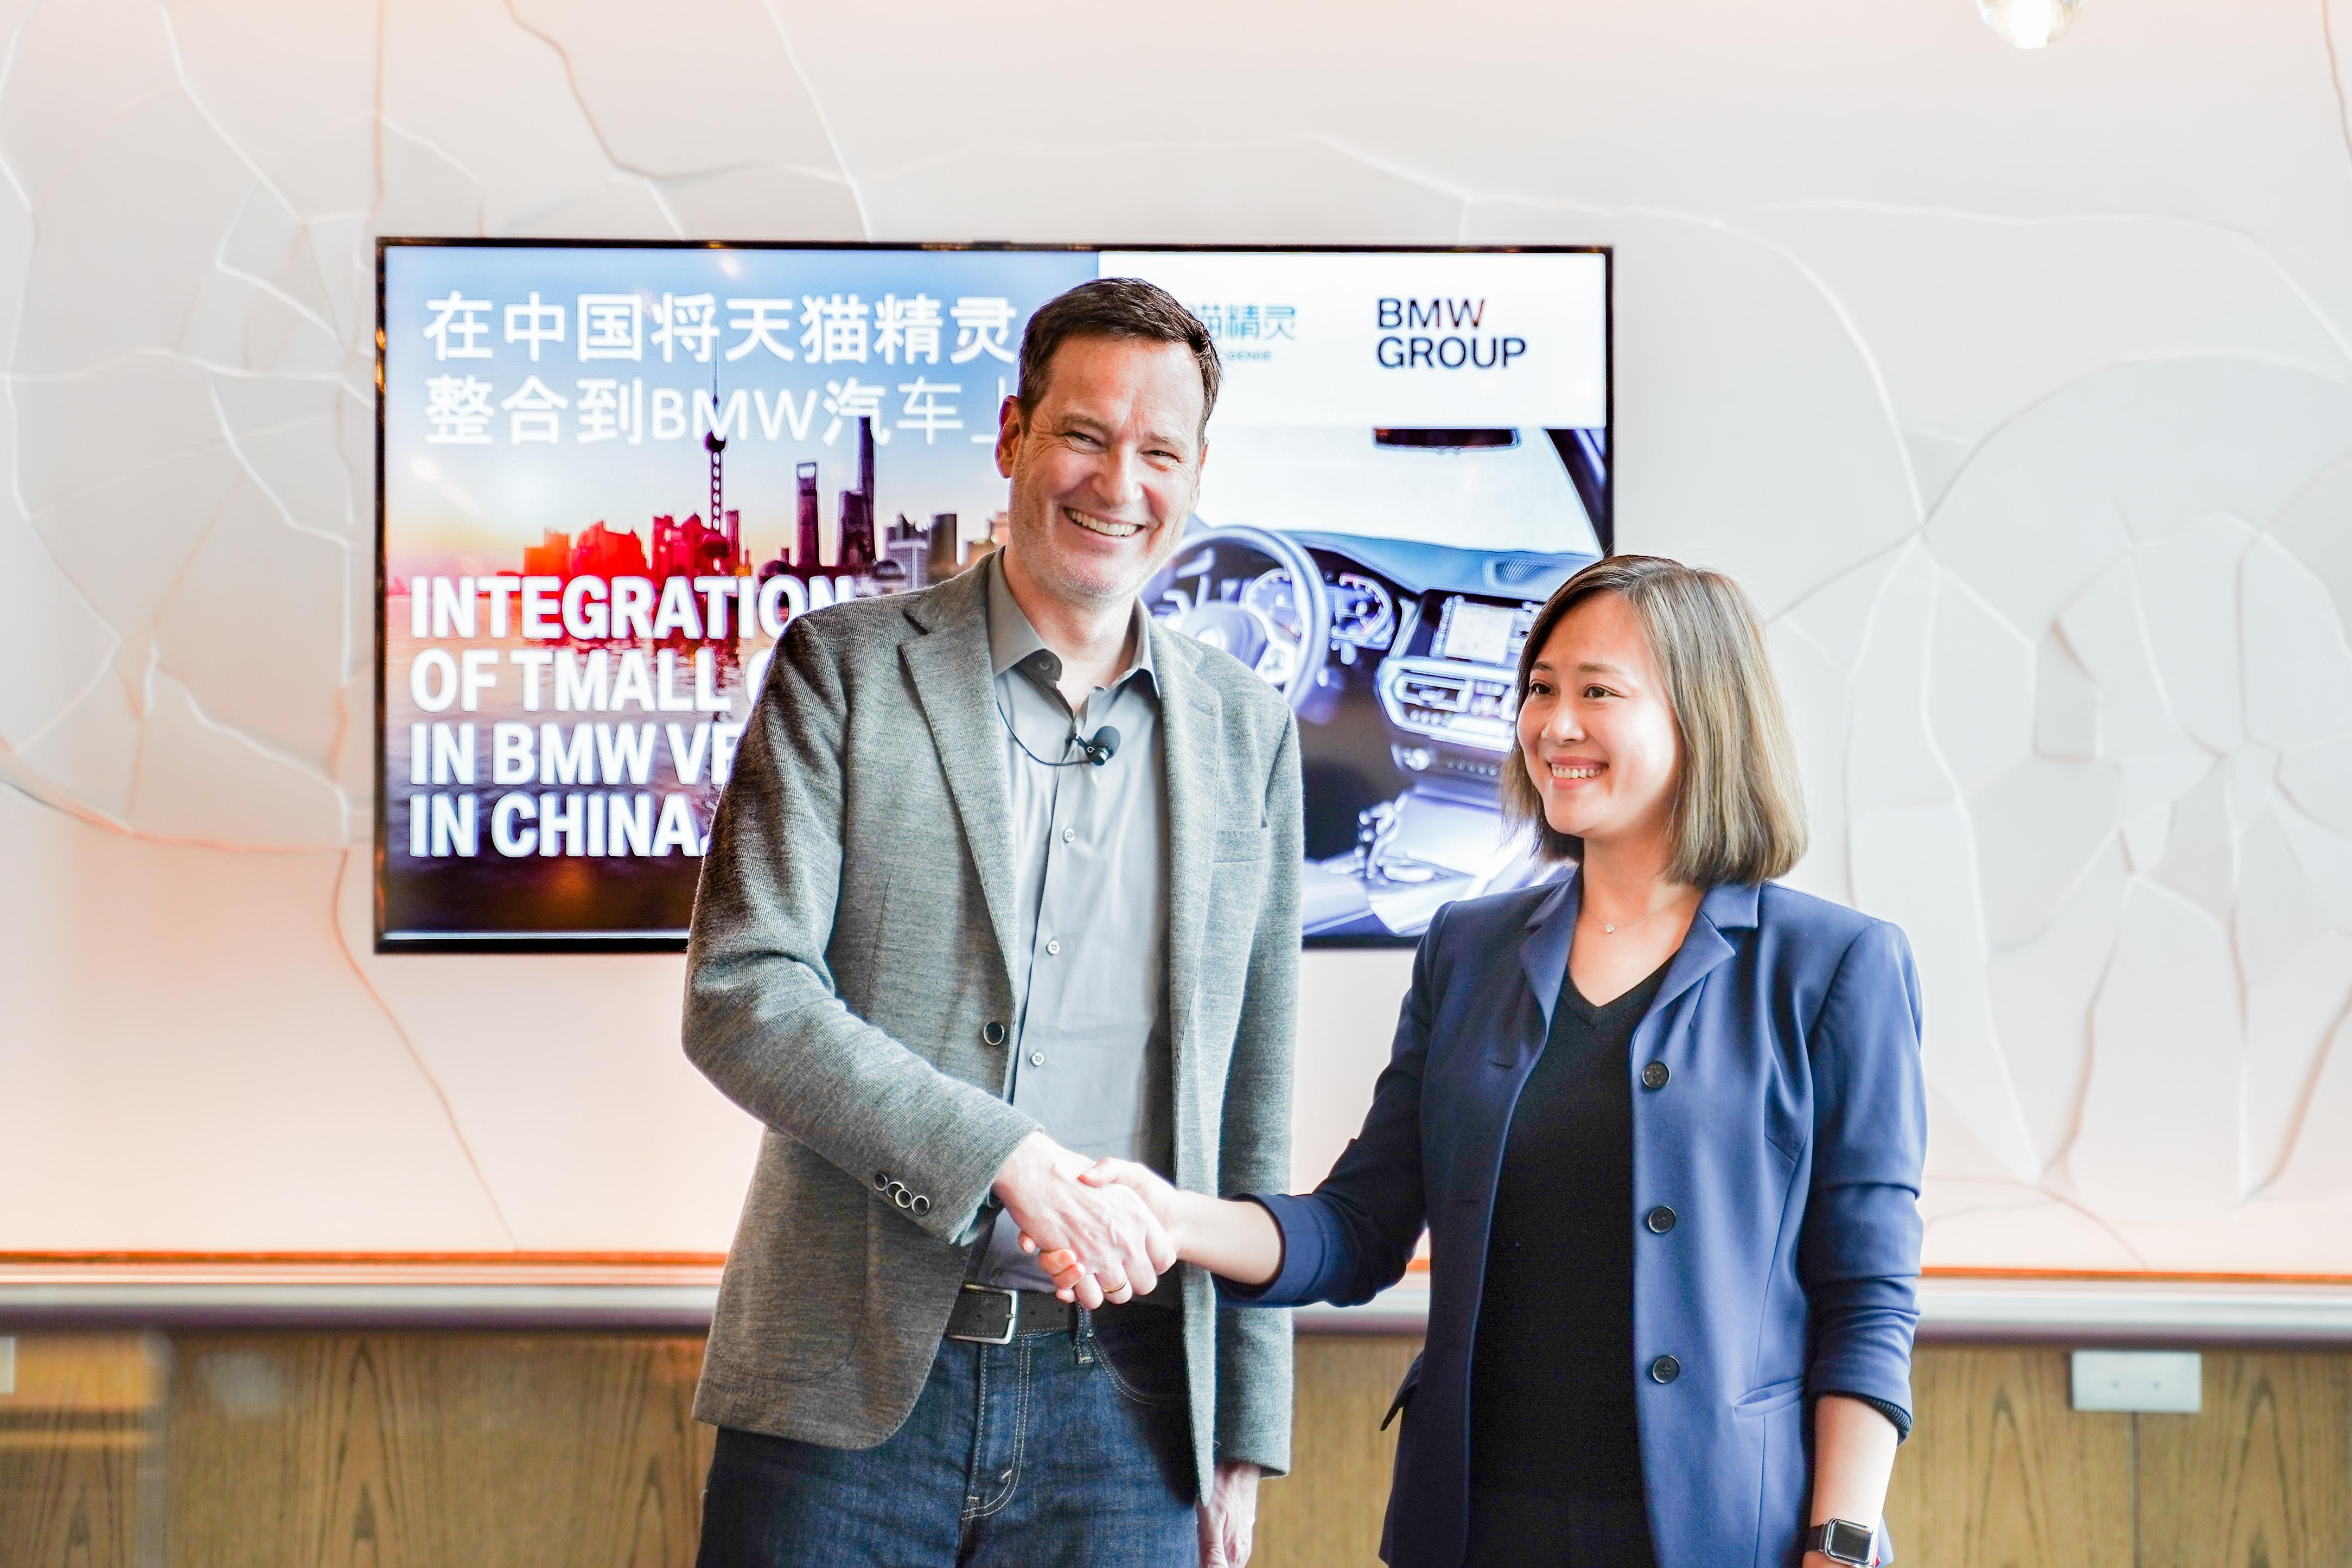 阿里巴巴人工智能实验室总经理陈丽娟与宝马集团数字产品及服务高级副总裁DieterMay